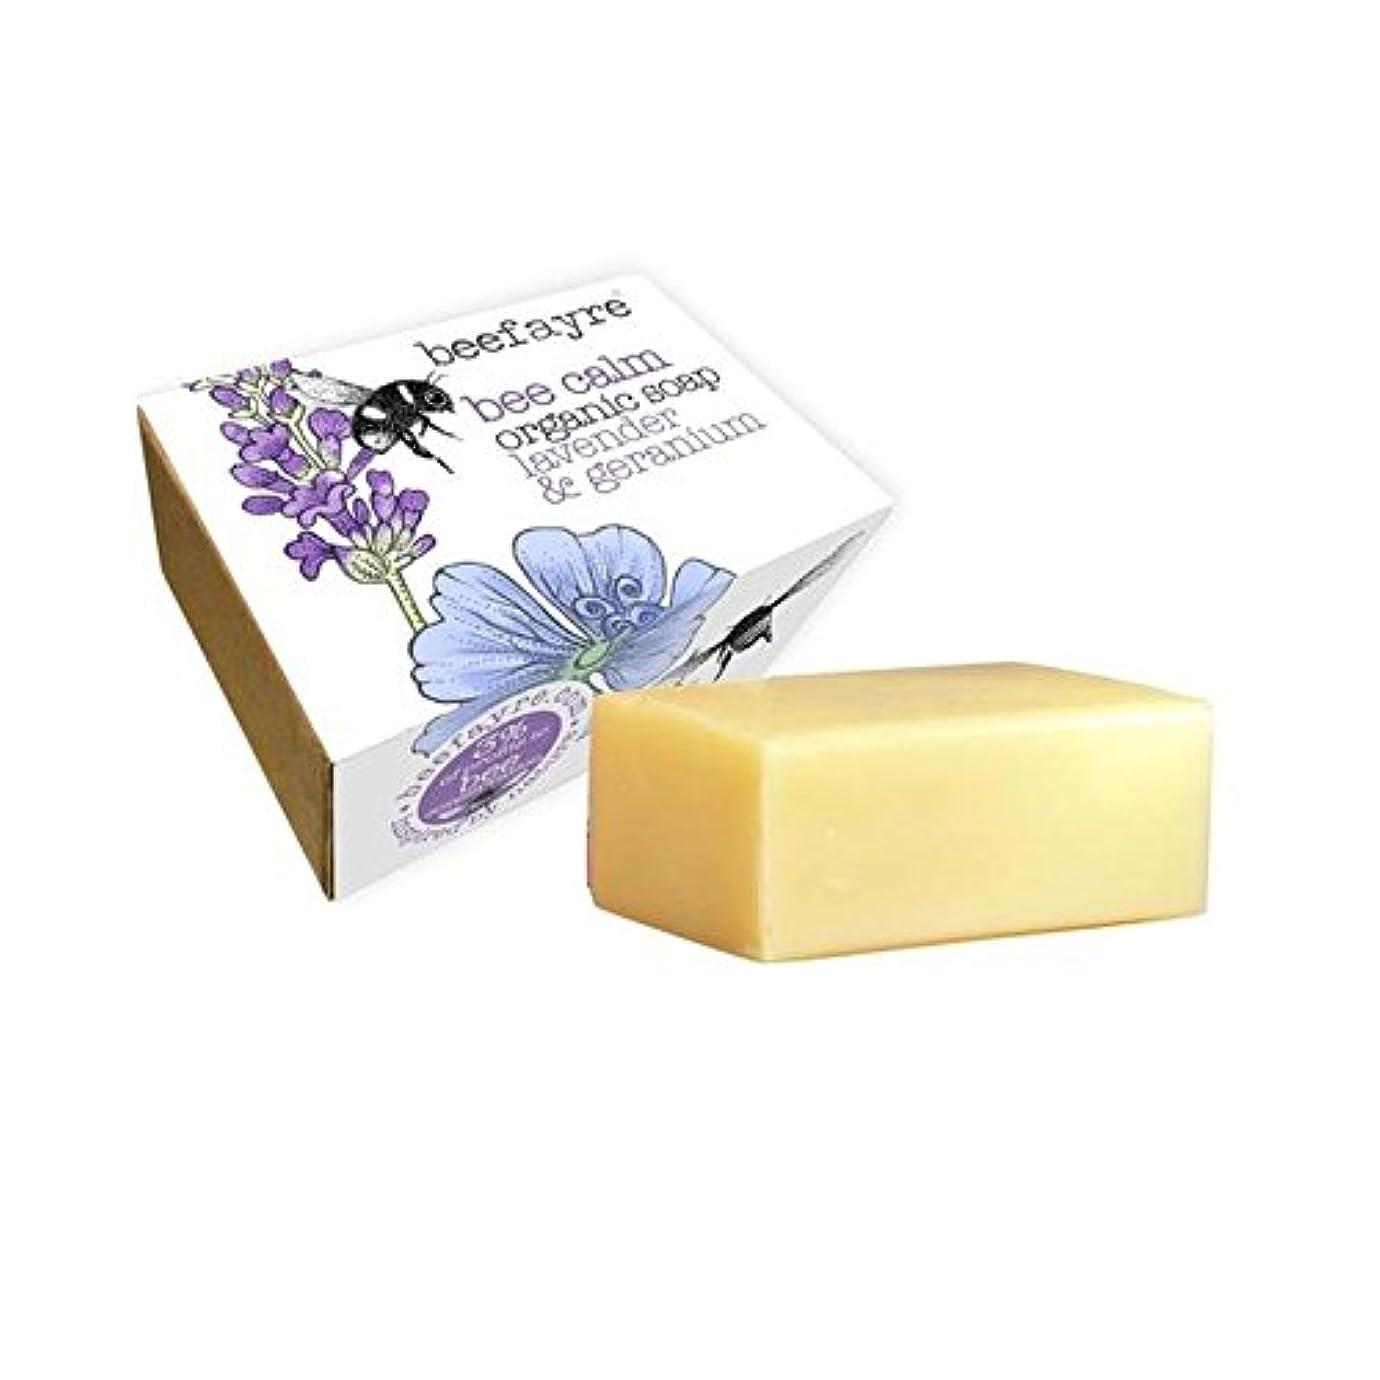 先入観バリー老人Beefayre Organic Geranium & Lavender Soap - 有機ゼラニウム&ラベンダー石鹸 [並行輸入品]